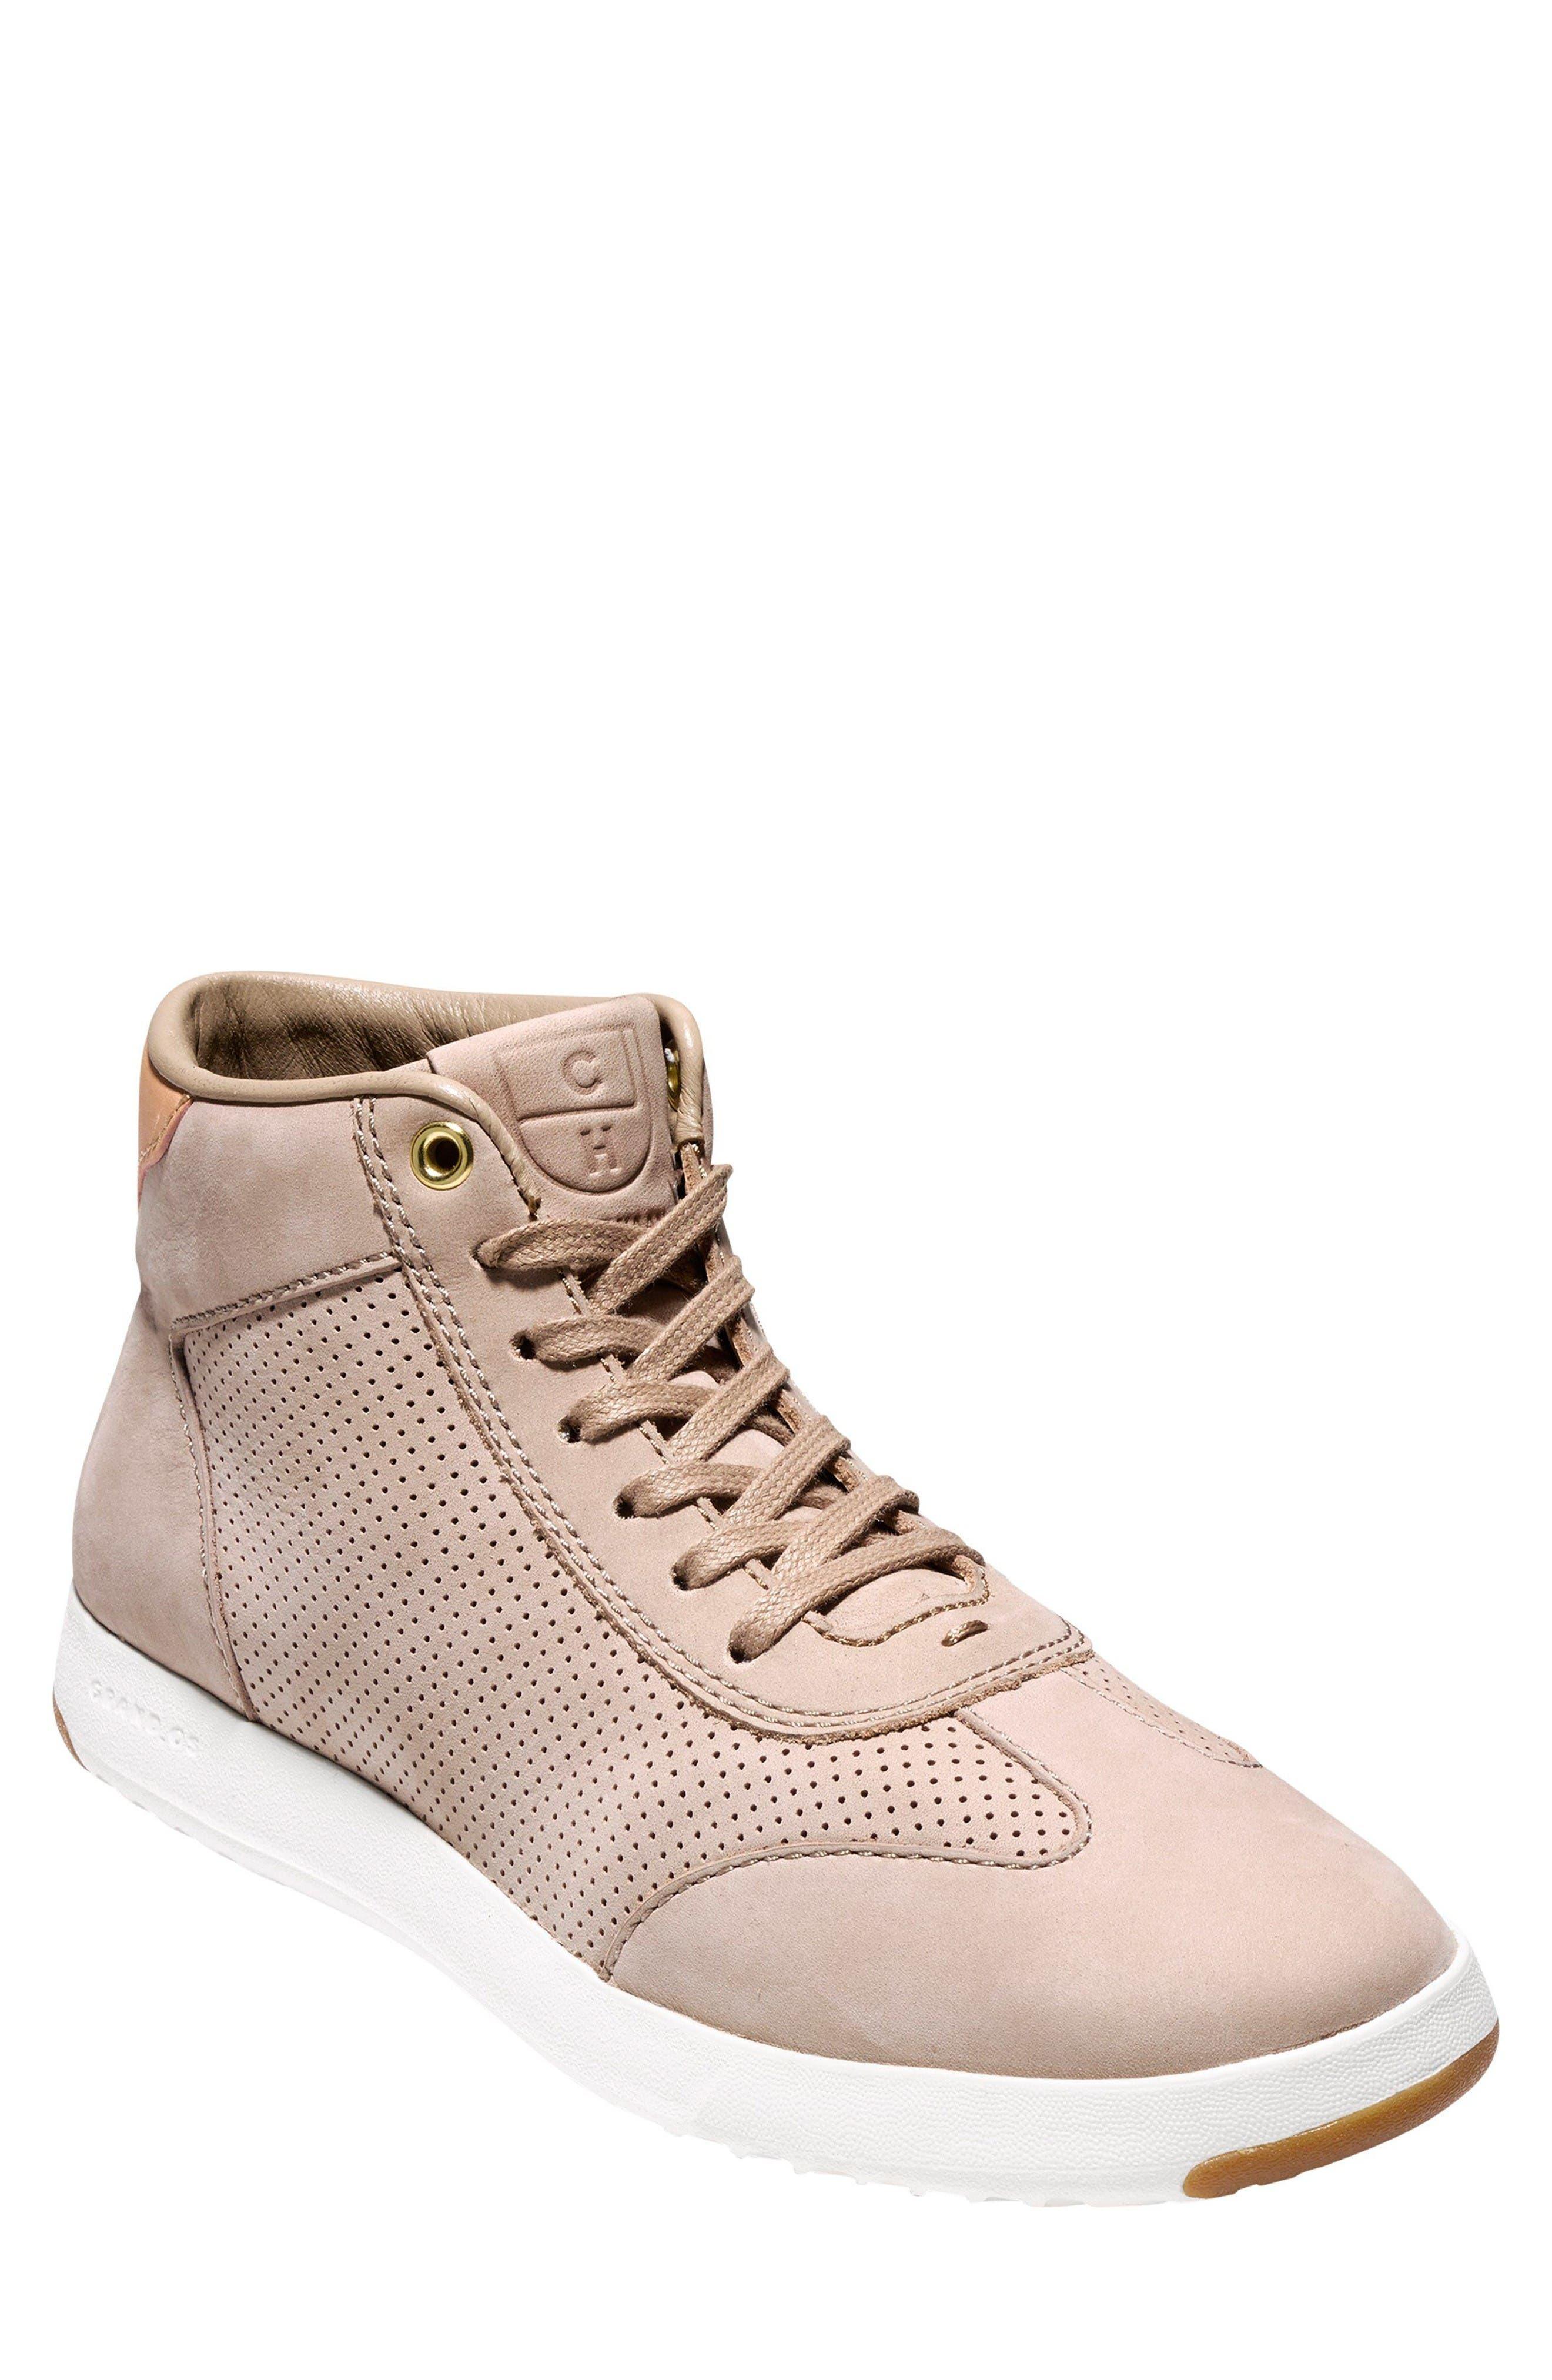 Alternate Image 1 Selected - Cole Haan GrandPro High Top Sneaker (Women)